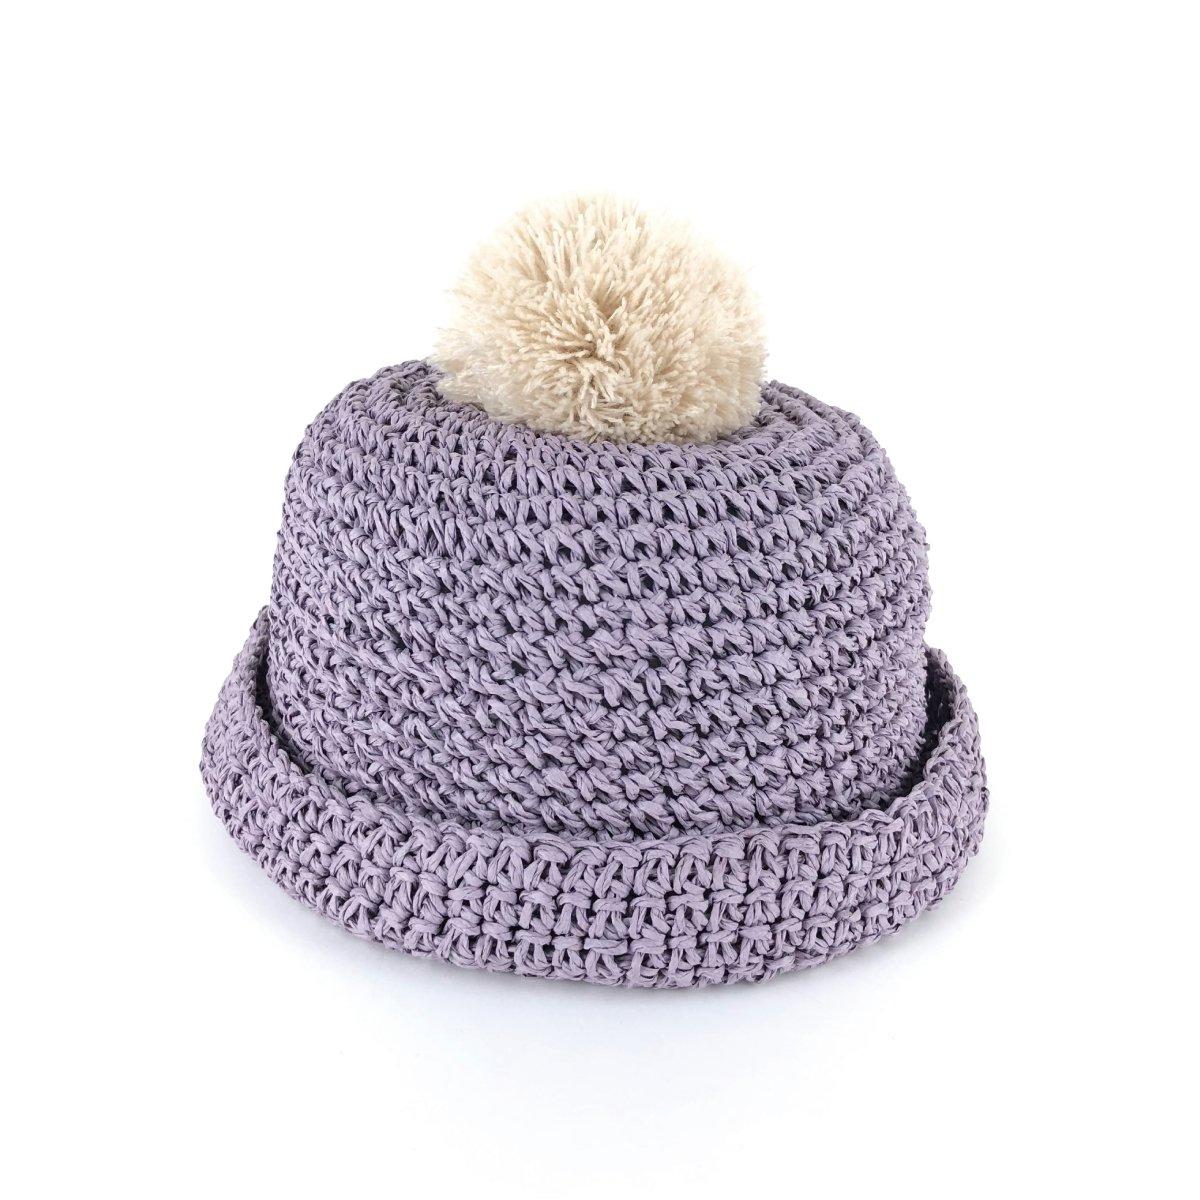 【BABY】Pon Coron Hat 詳細画像1